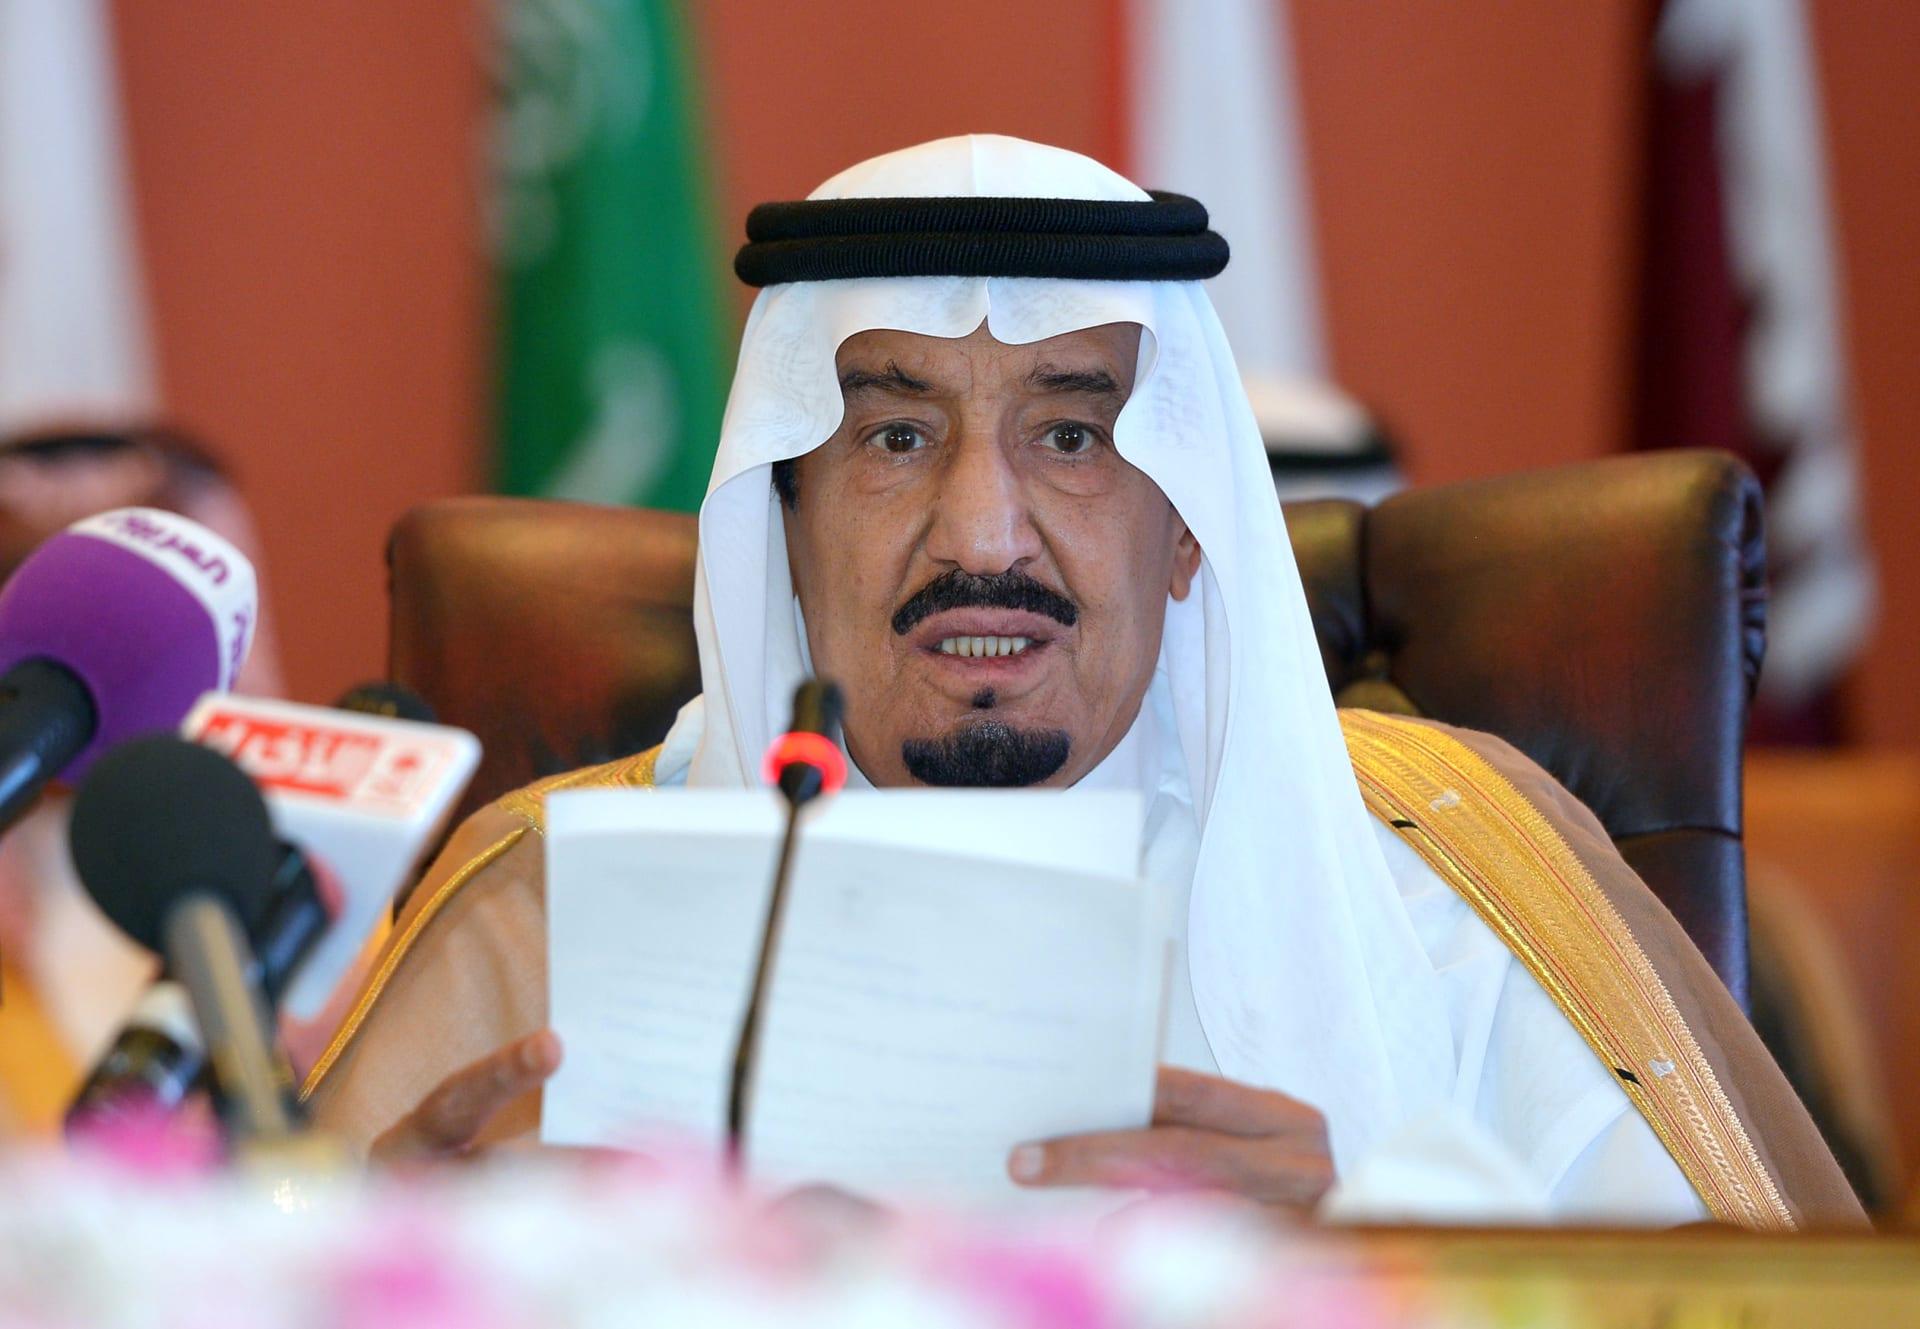 الملك سلمان يعلق على الإجراءات الإسرائيلية في القدس خلال اتصال مع عمران خان